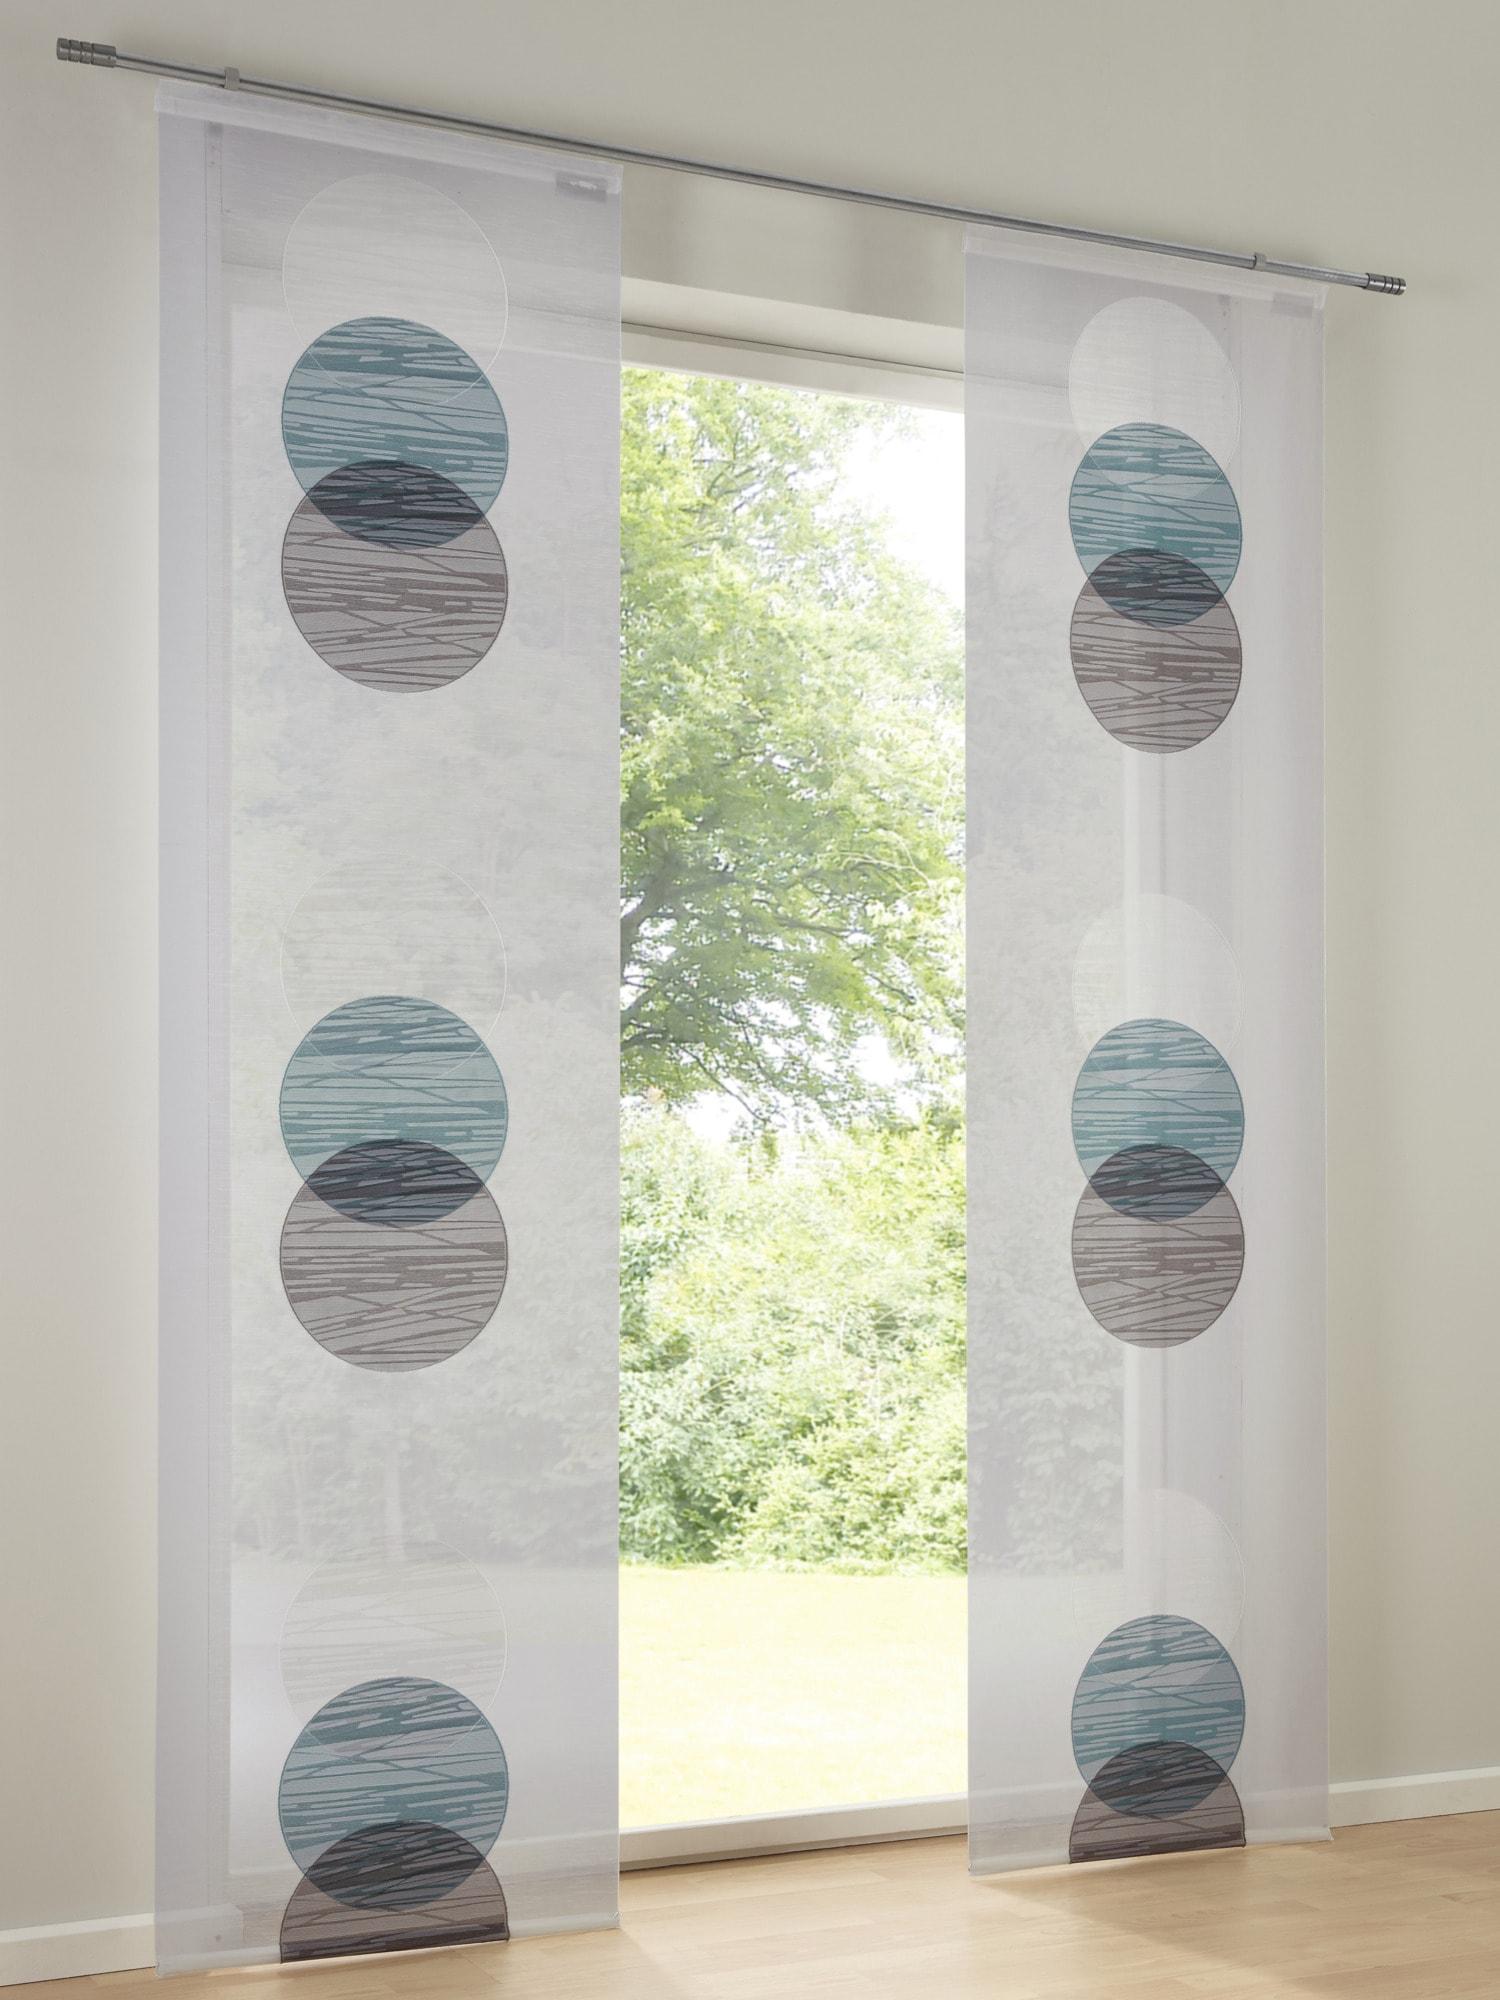 heine home Schiebevorhang in Scherli-Qualität in Scherli-Qualität in Scherli-Qualität | Heimtextilien > Gardinen und Vorhänge > Schiebegardinen und Schiebevorhänge | heine home